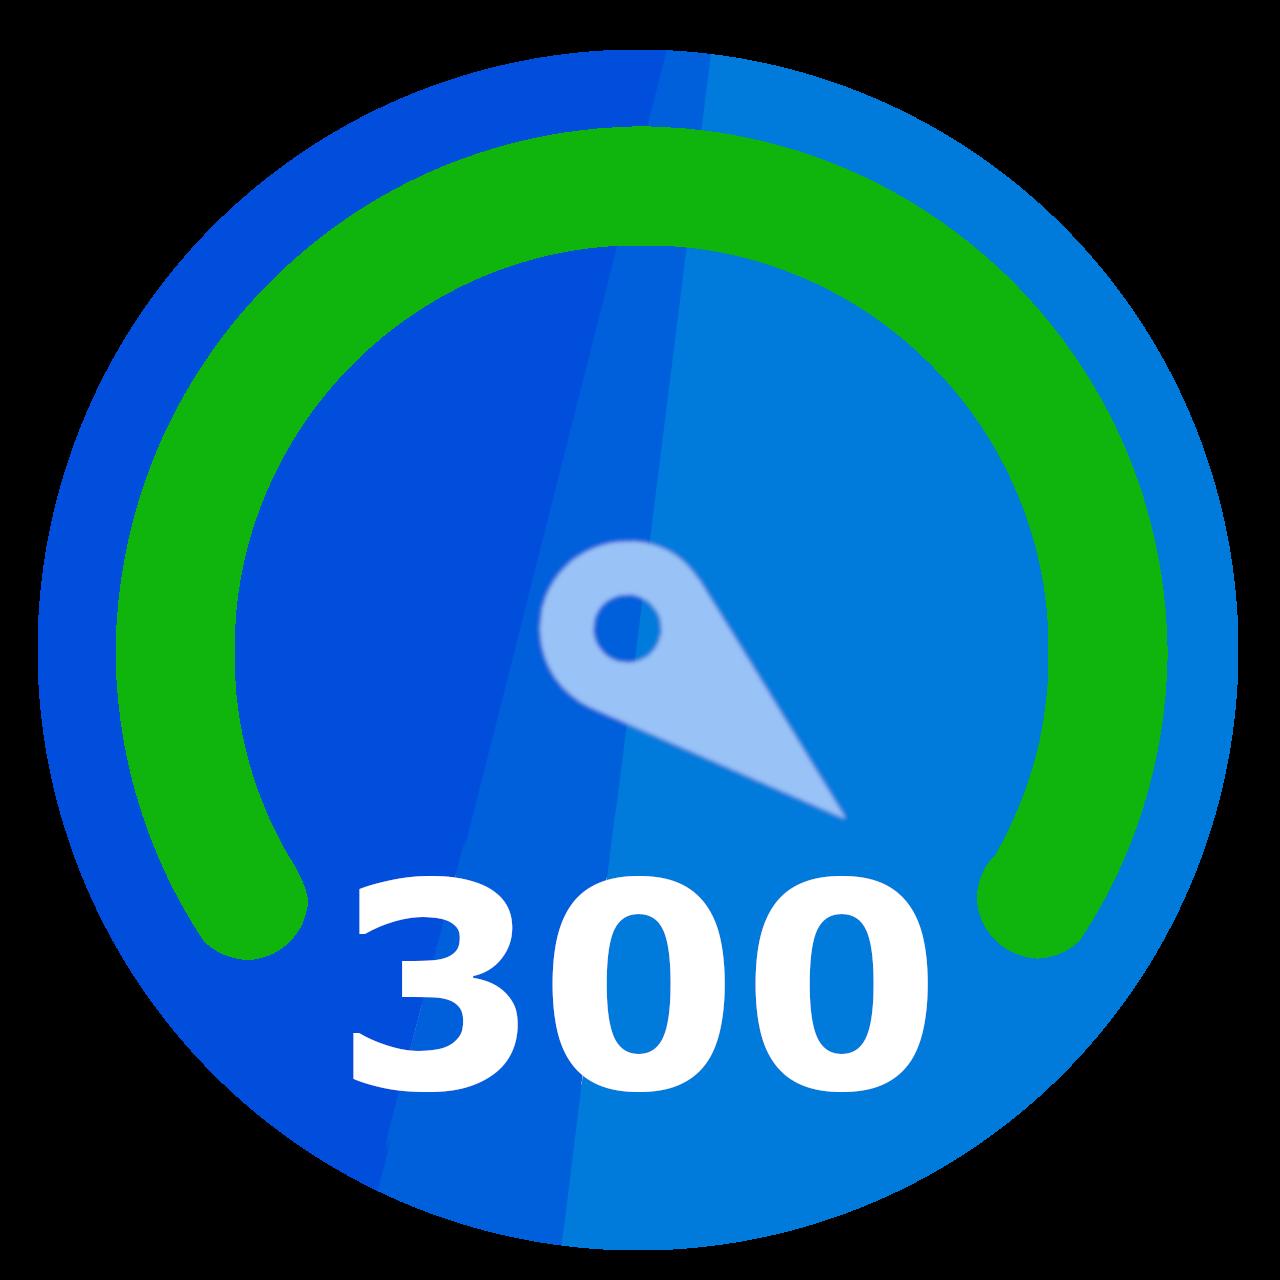 300 Mbps